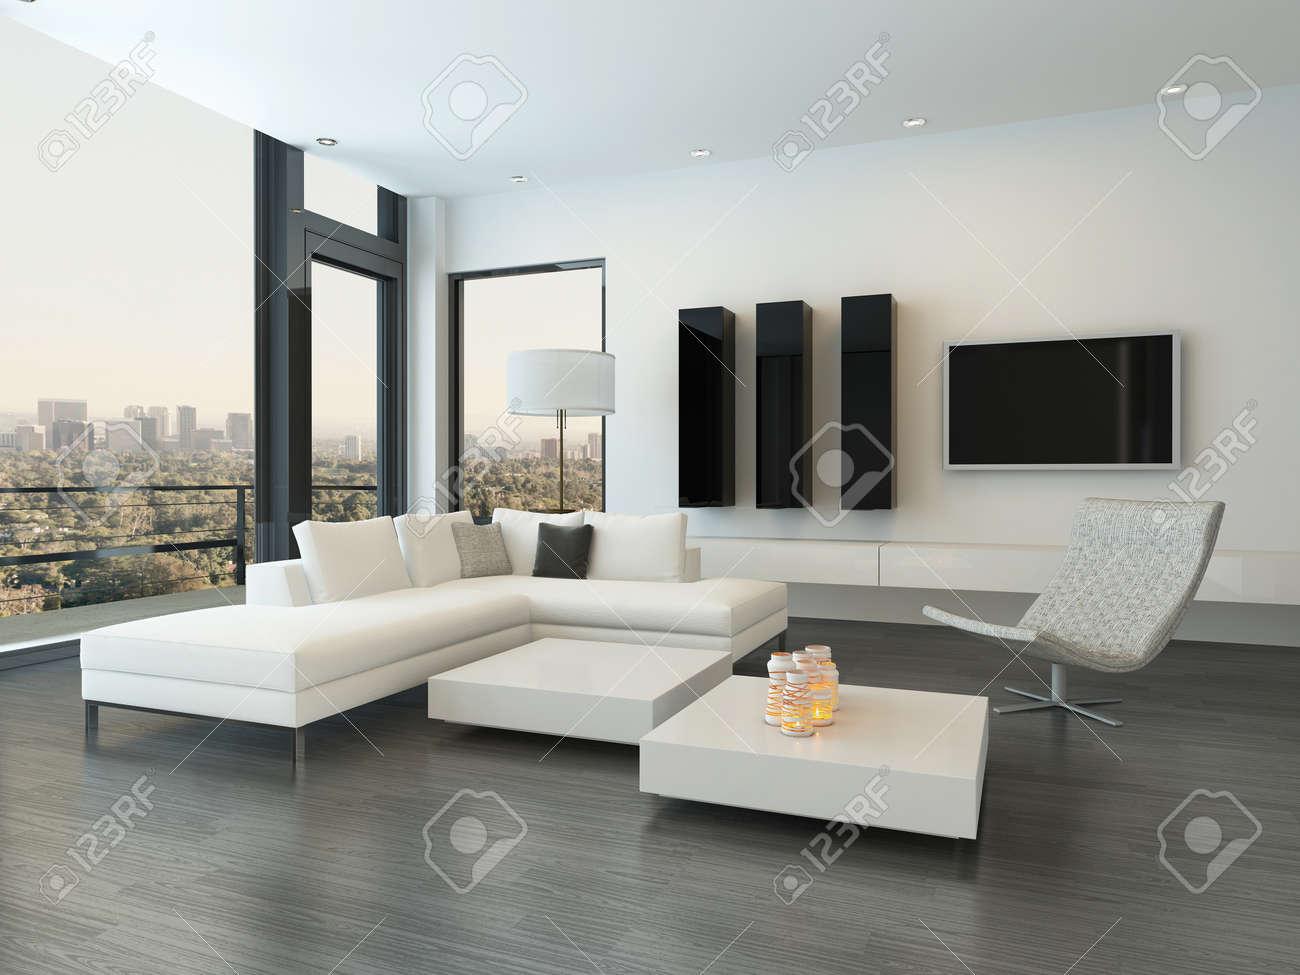 Moderne Wohnzimmer Innenraum Mit Design-Möbeln Lizenzfreie Fotos ...